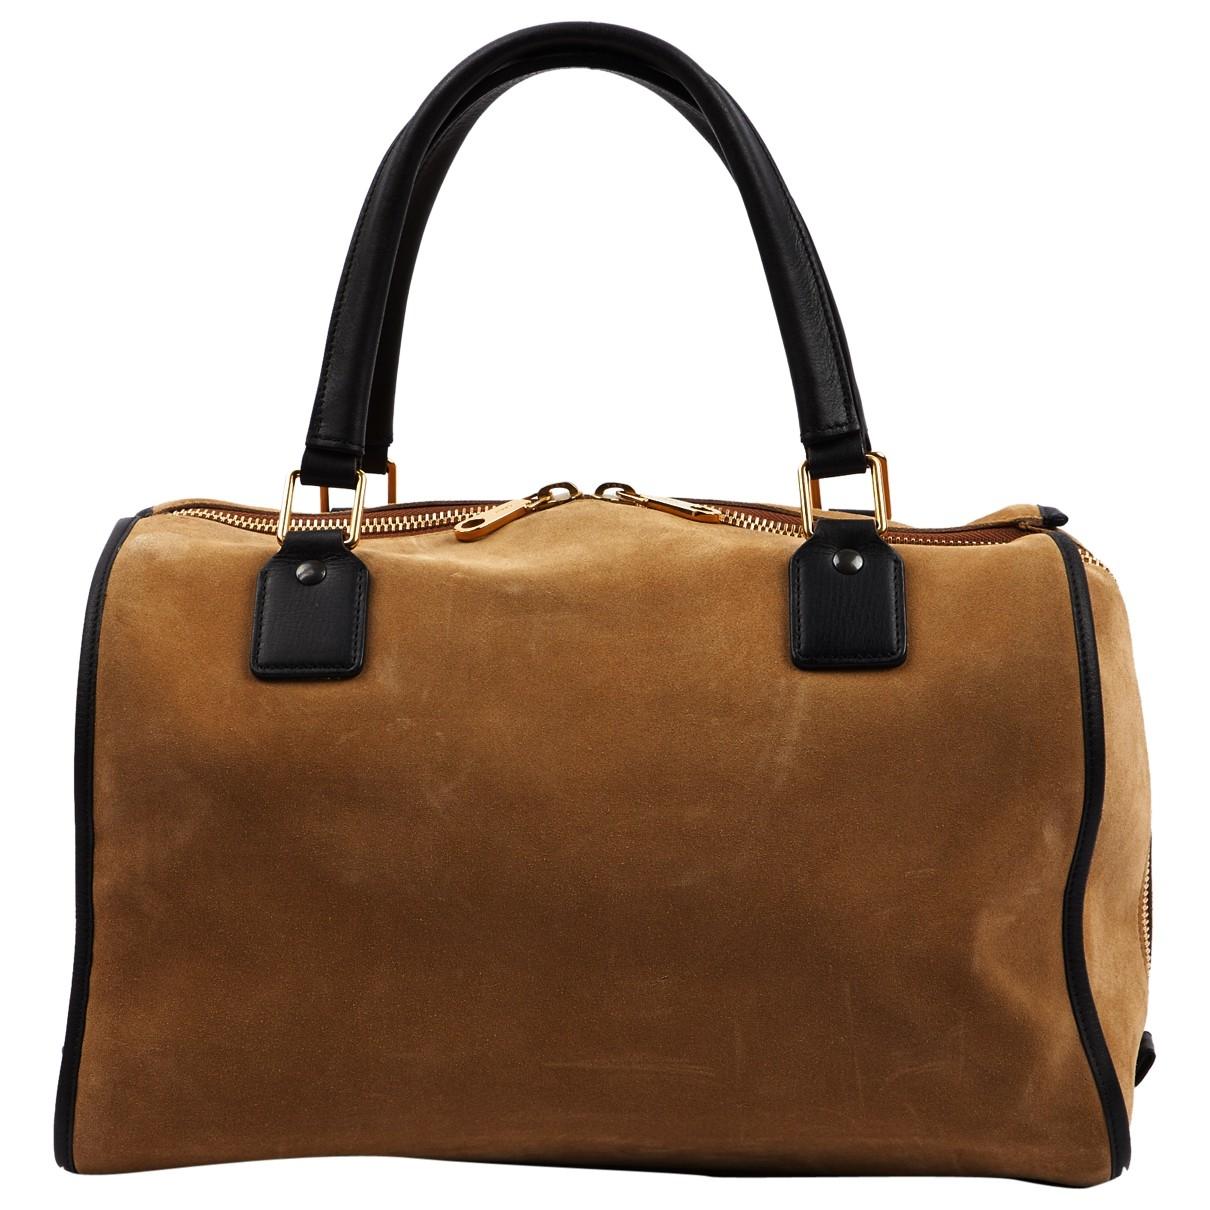 Chloé \N Beige Suede handbag for Women \N